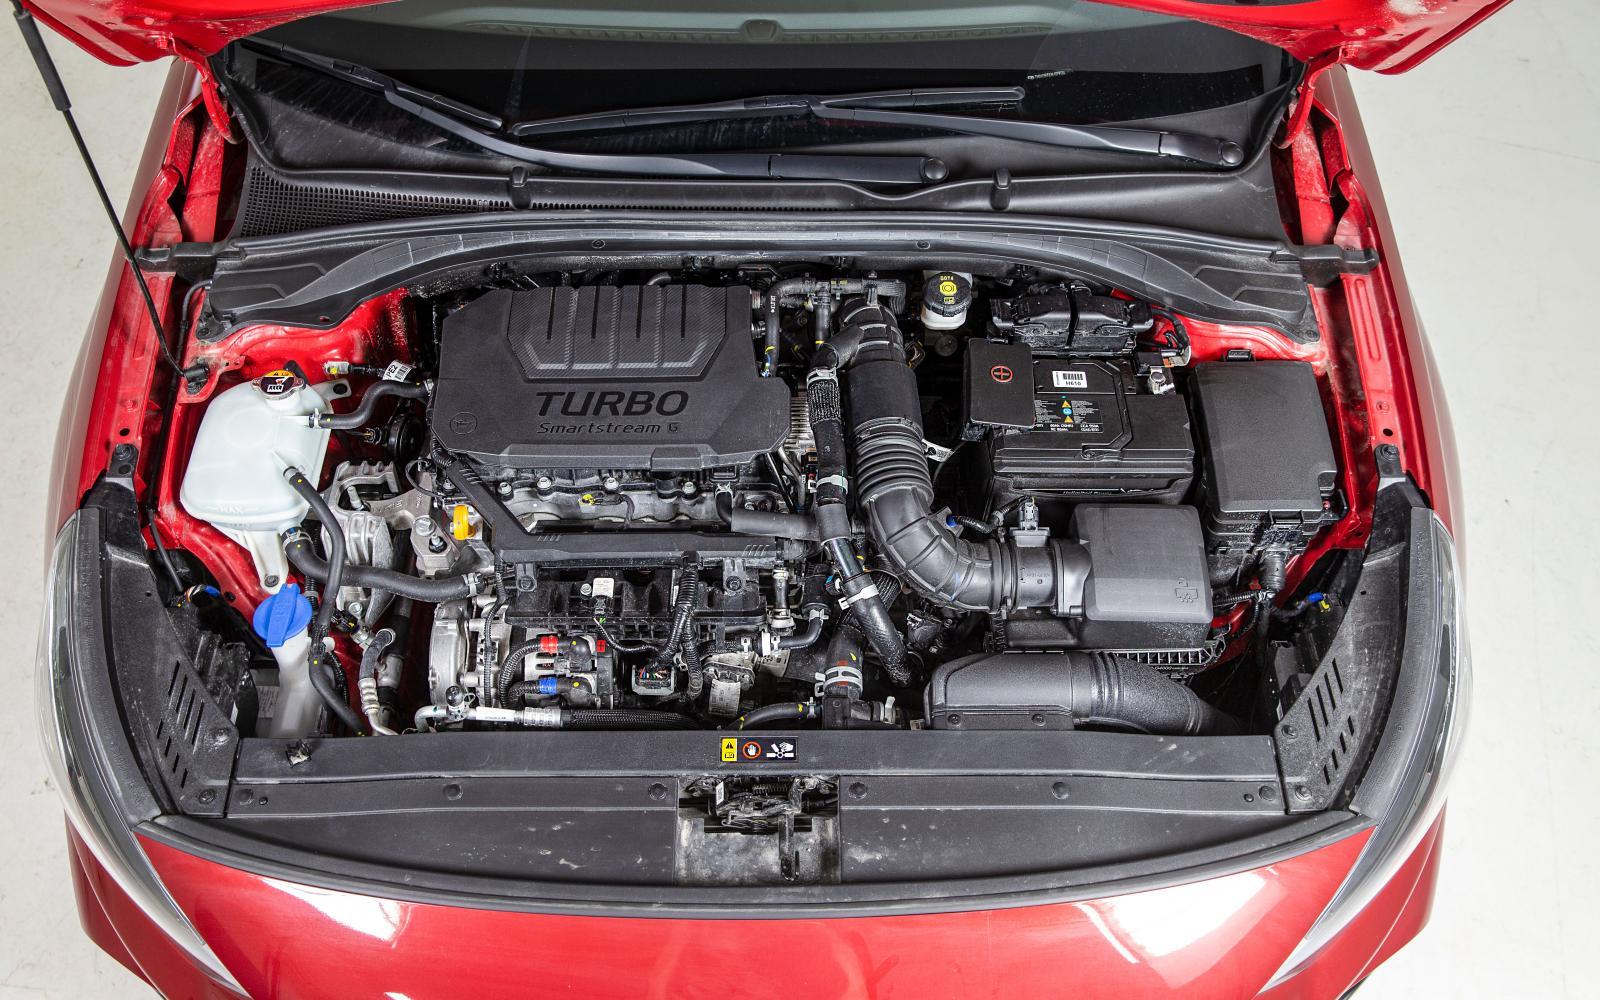 Den gamla 1,4T-motorn på 140 hästar är utbytt till en 1,5-litersmaskin som får stöttning av ett 48V-system med en elmotor på 17 hk.